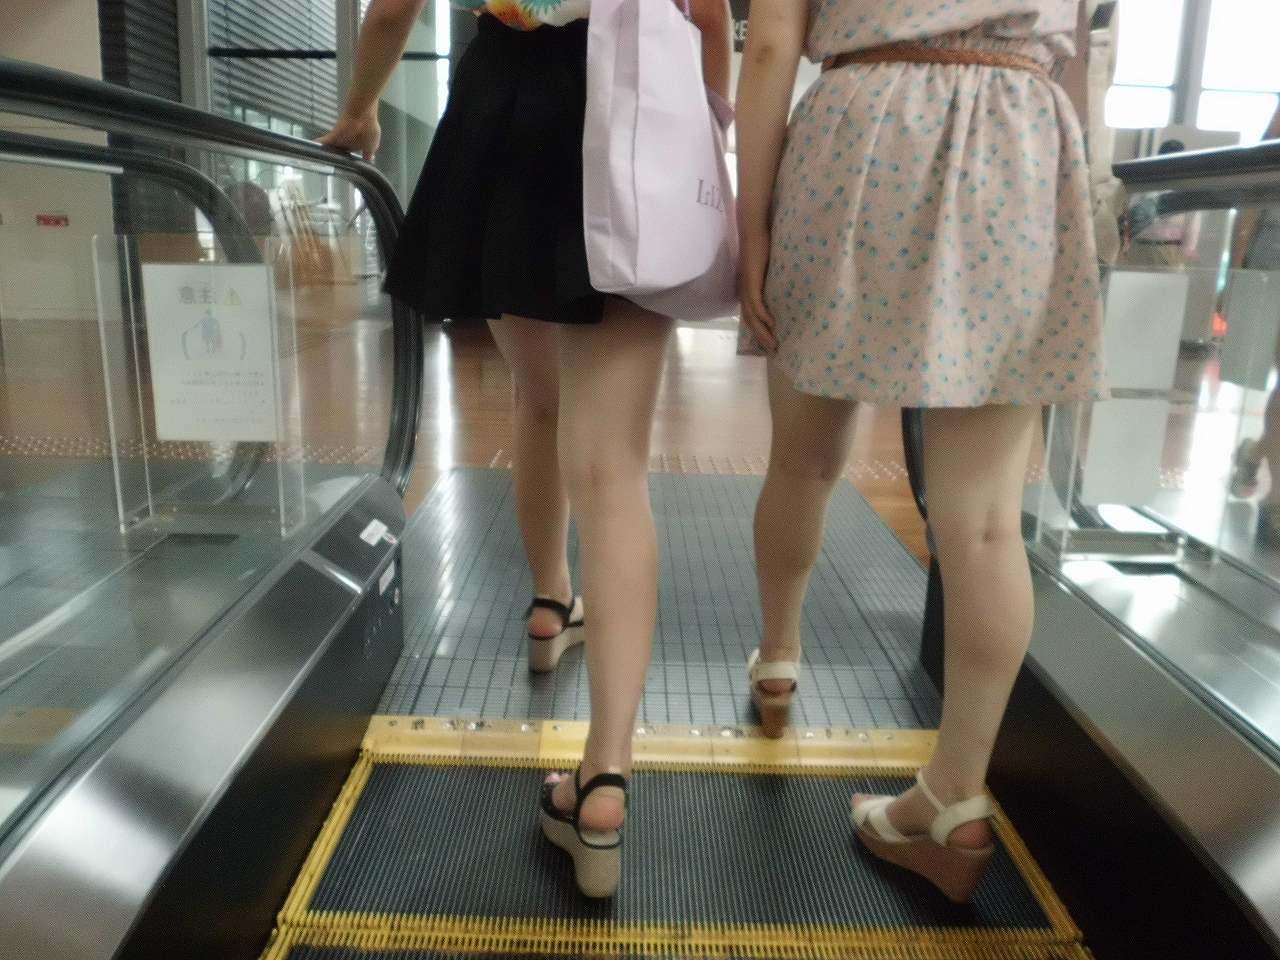 素人女子達の美脚がエロくて見入る!